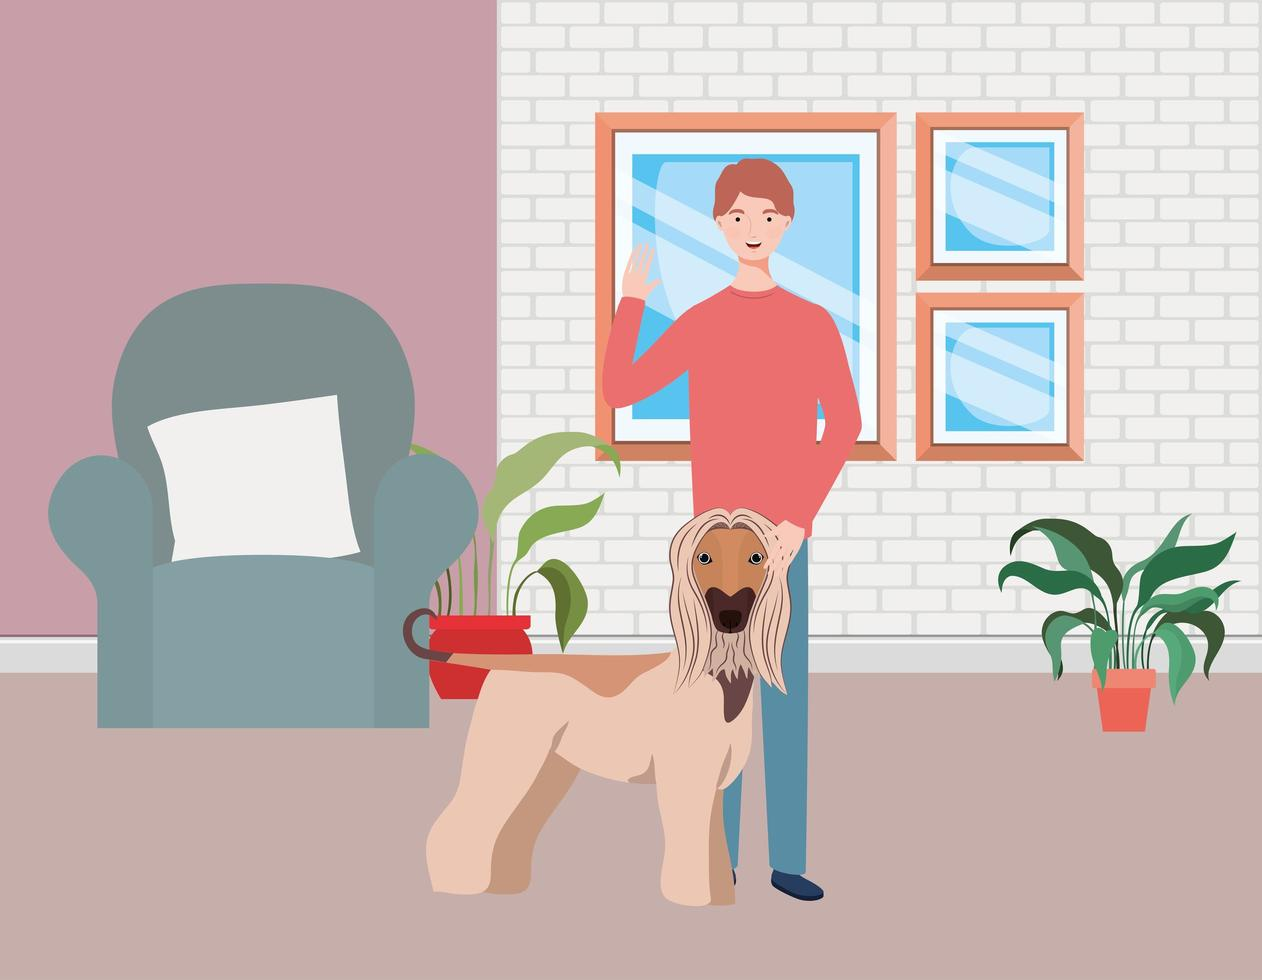 jovem com um cachorro fofo mascote na sala de estar vetor